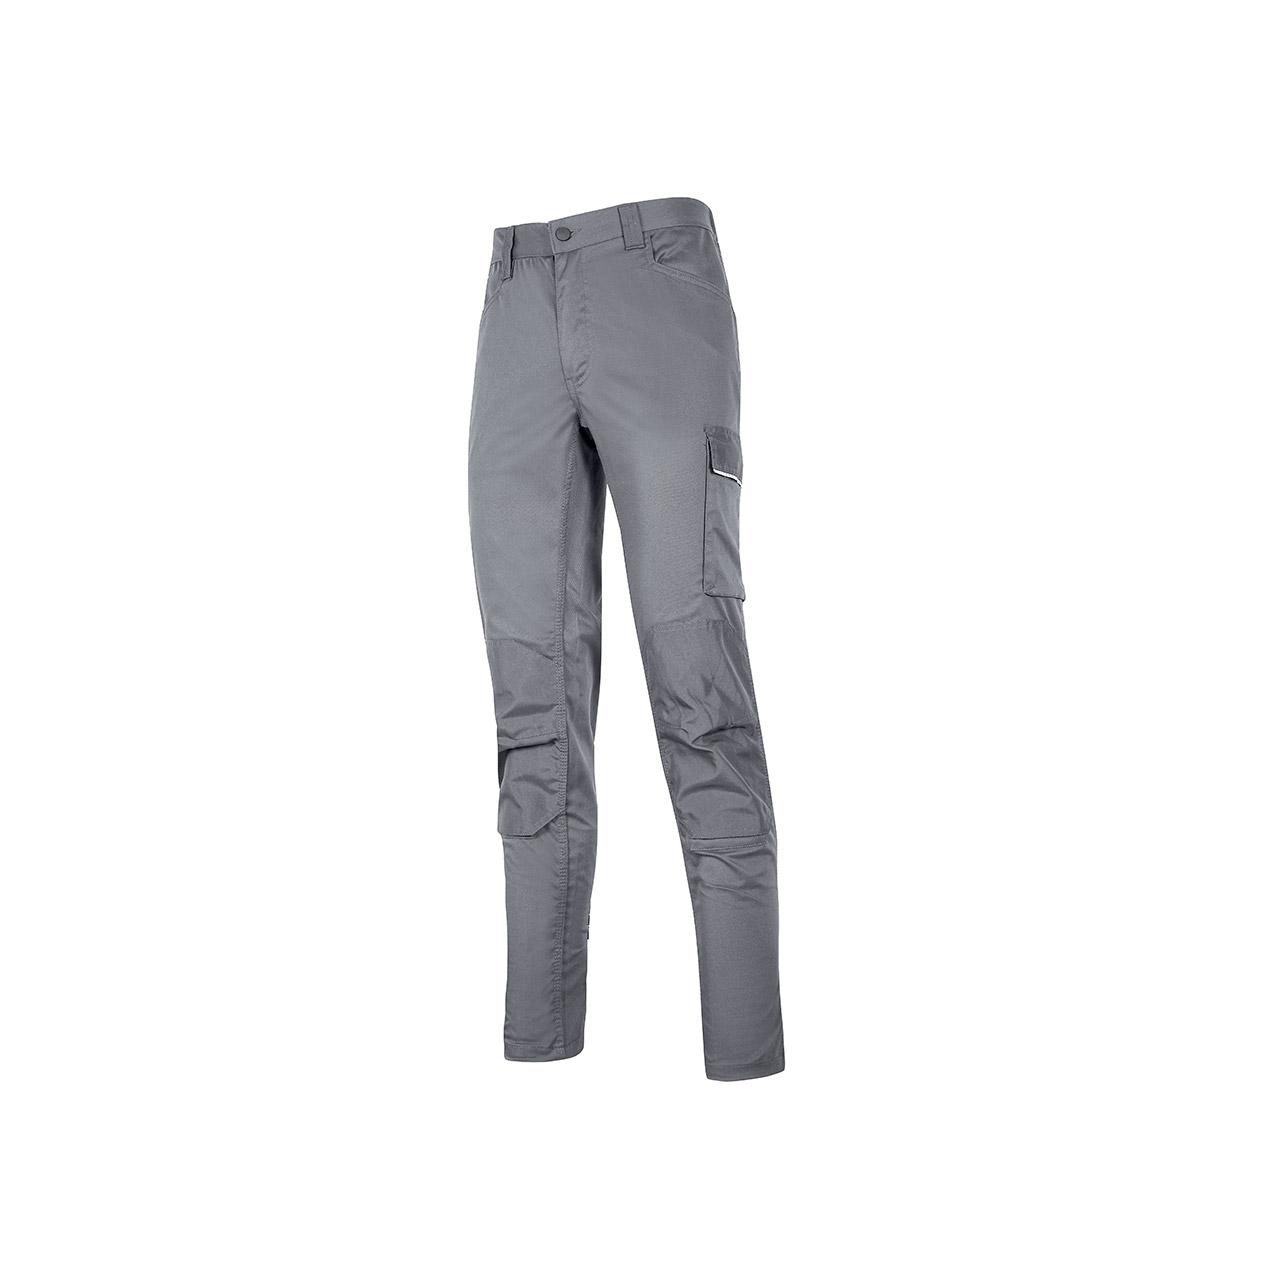 pantalone da lavoro upower modello meek colore stone gray